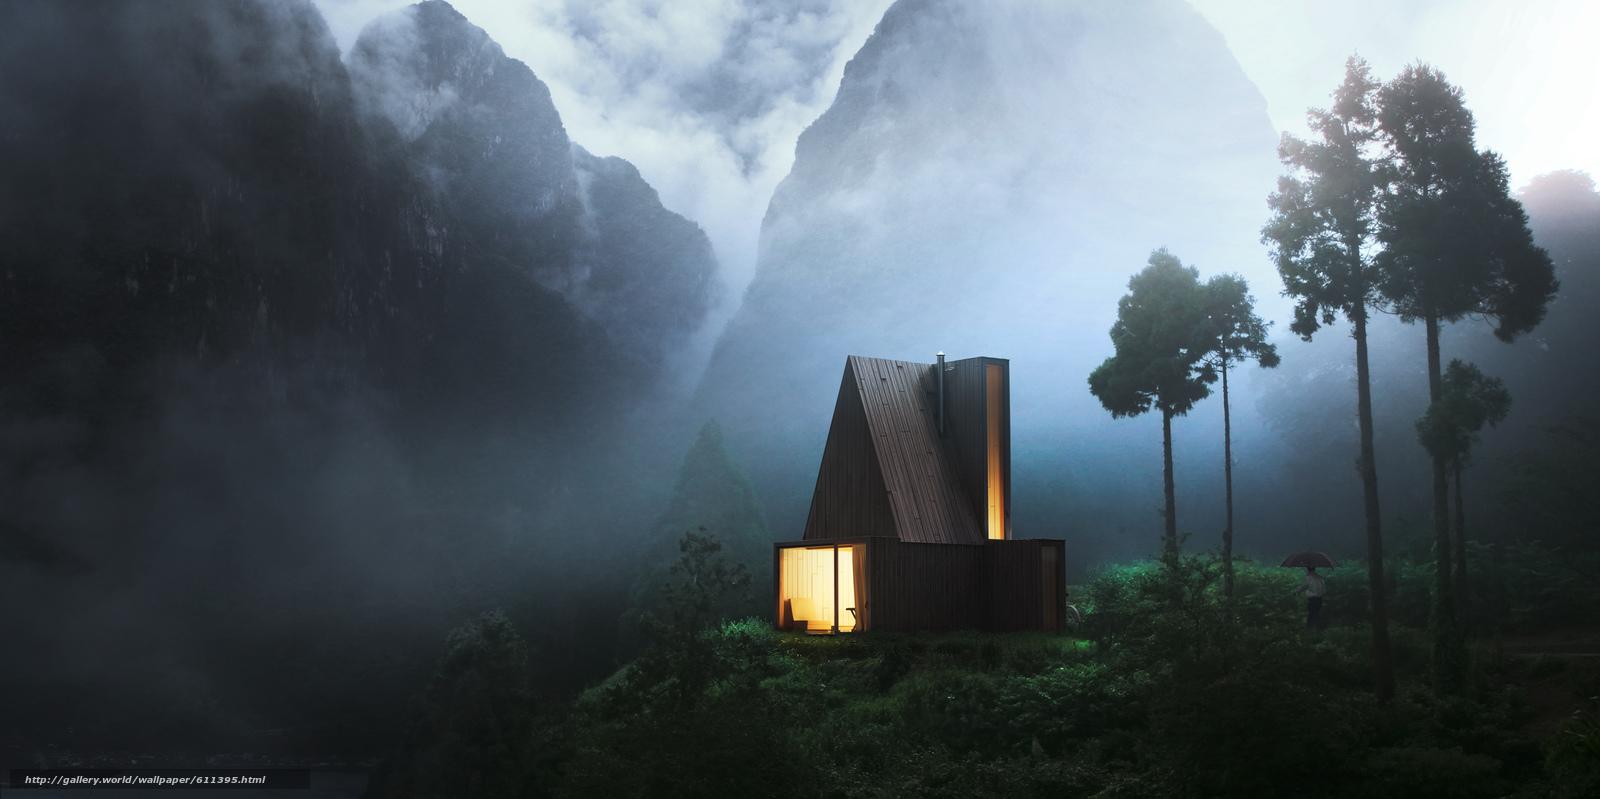 Скачать обои вечер,  горы,  туман,  дымка бесплатно для рабочего стола в разрешении 2500x1248 — картинка №611395